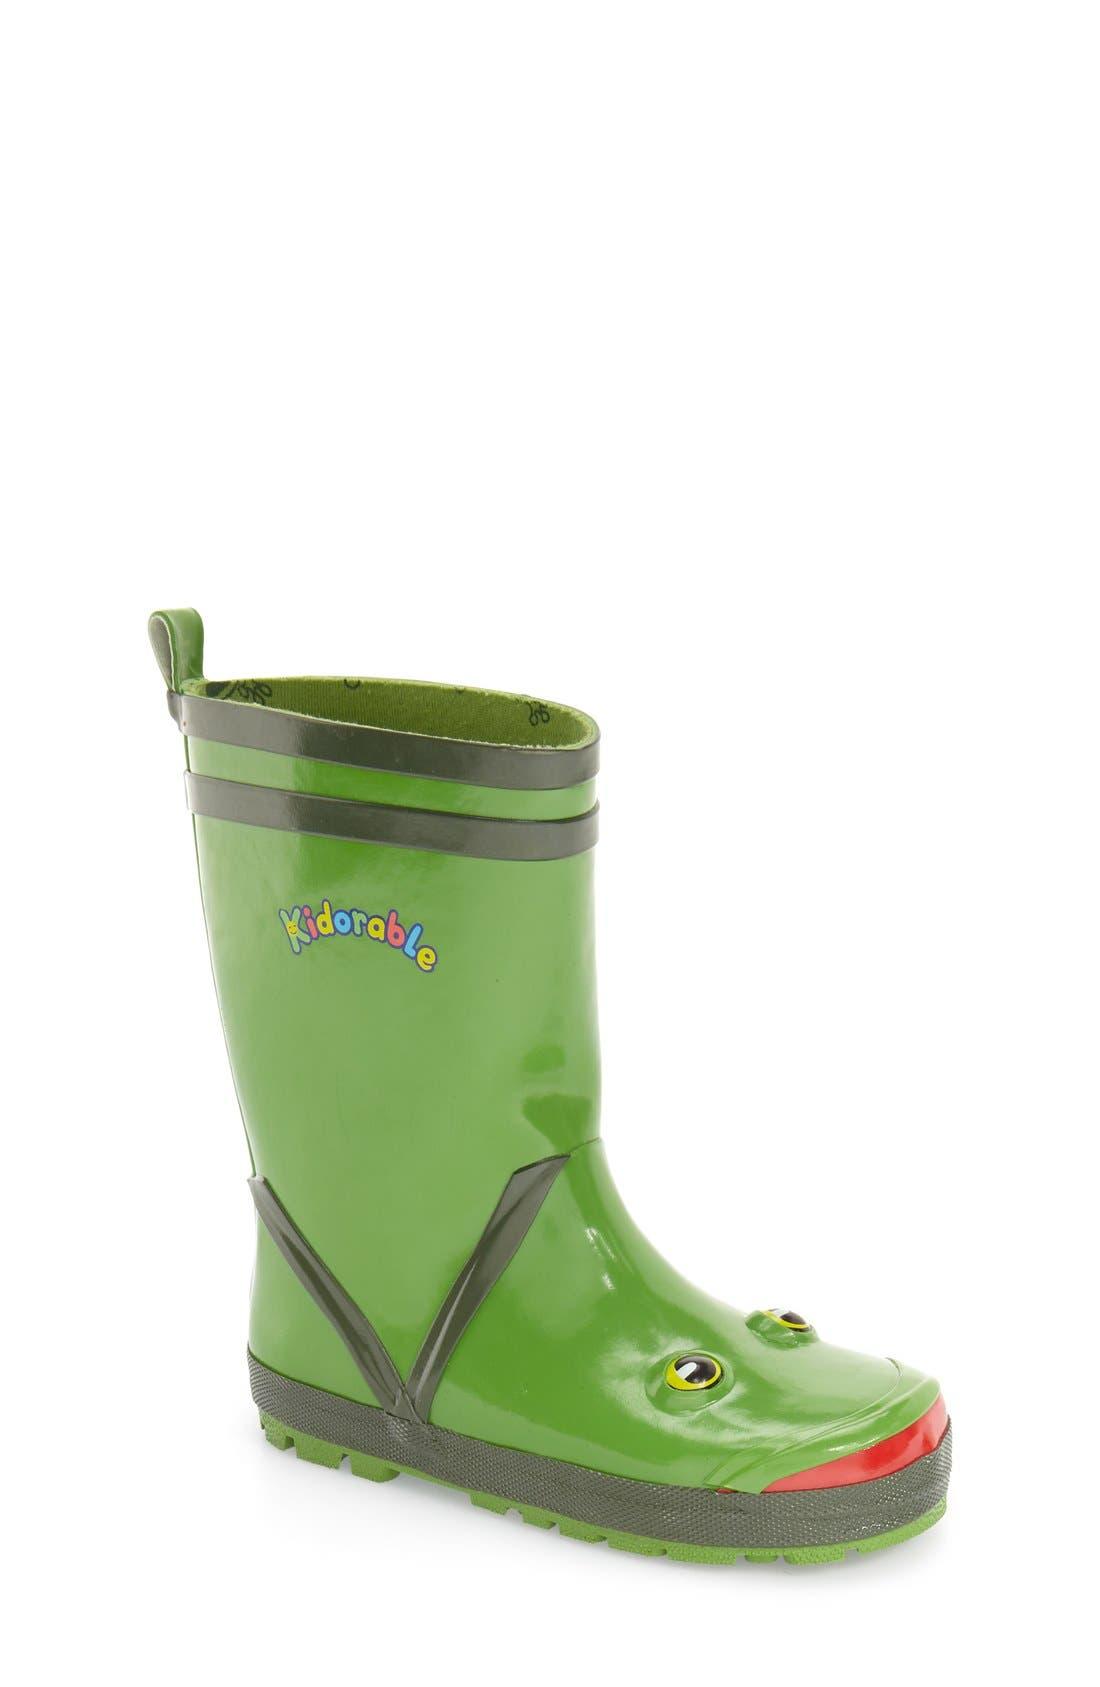 KIDORABLE Frog Waterproof Rain Boot